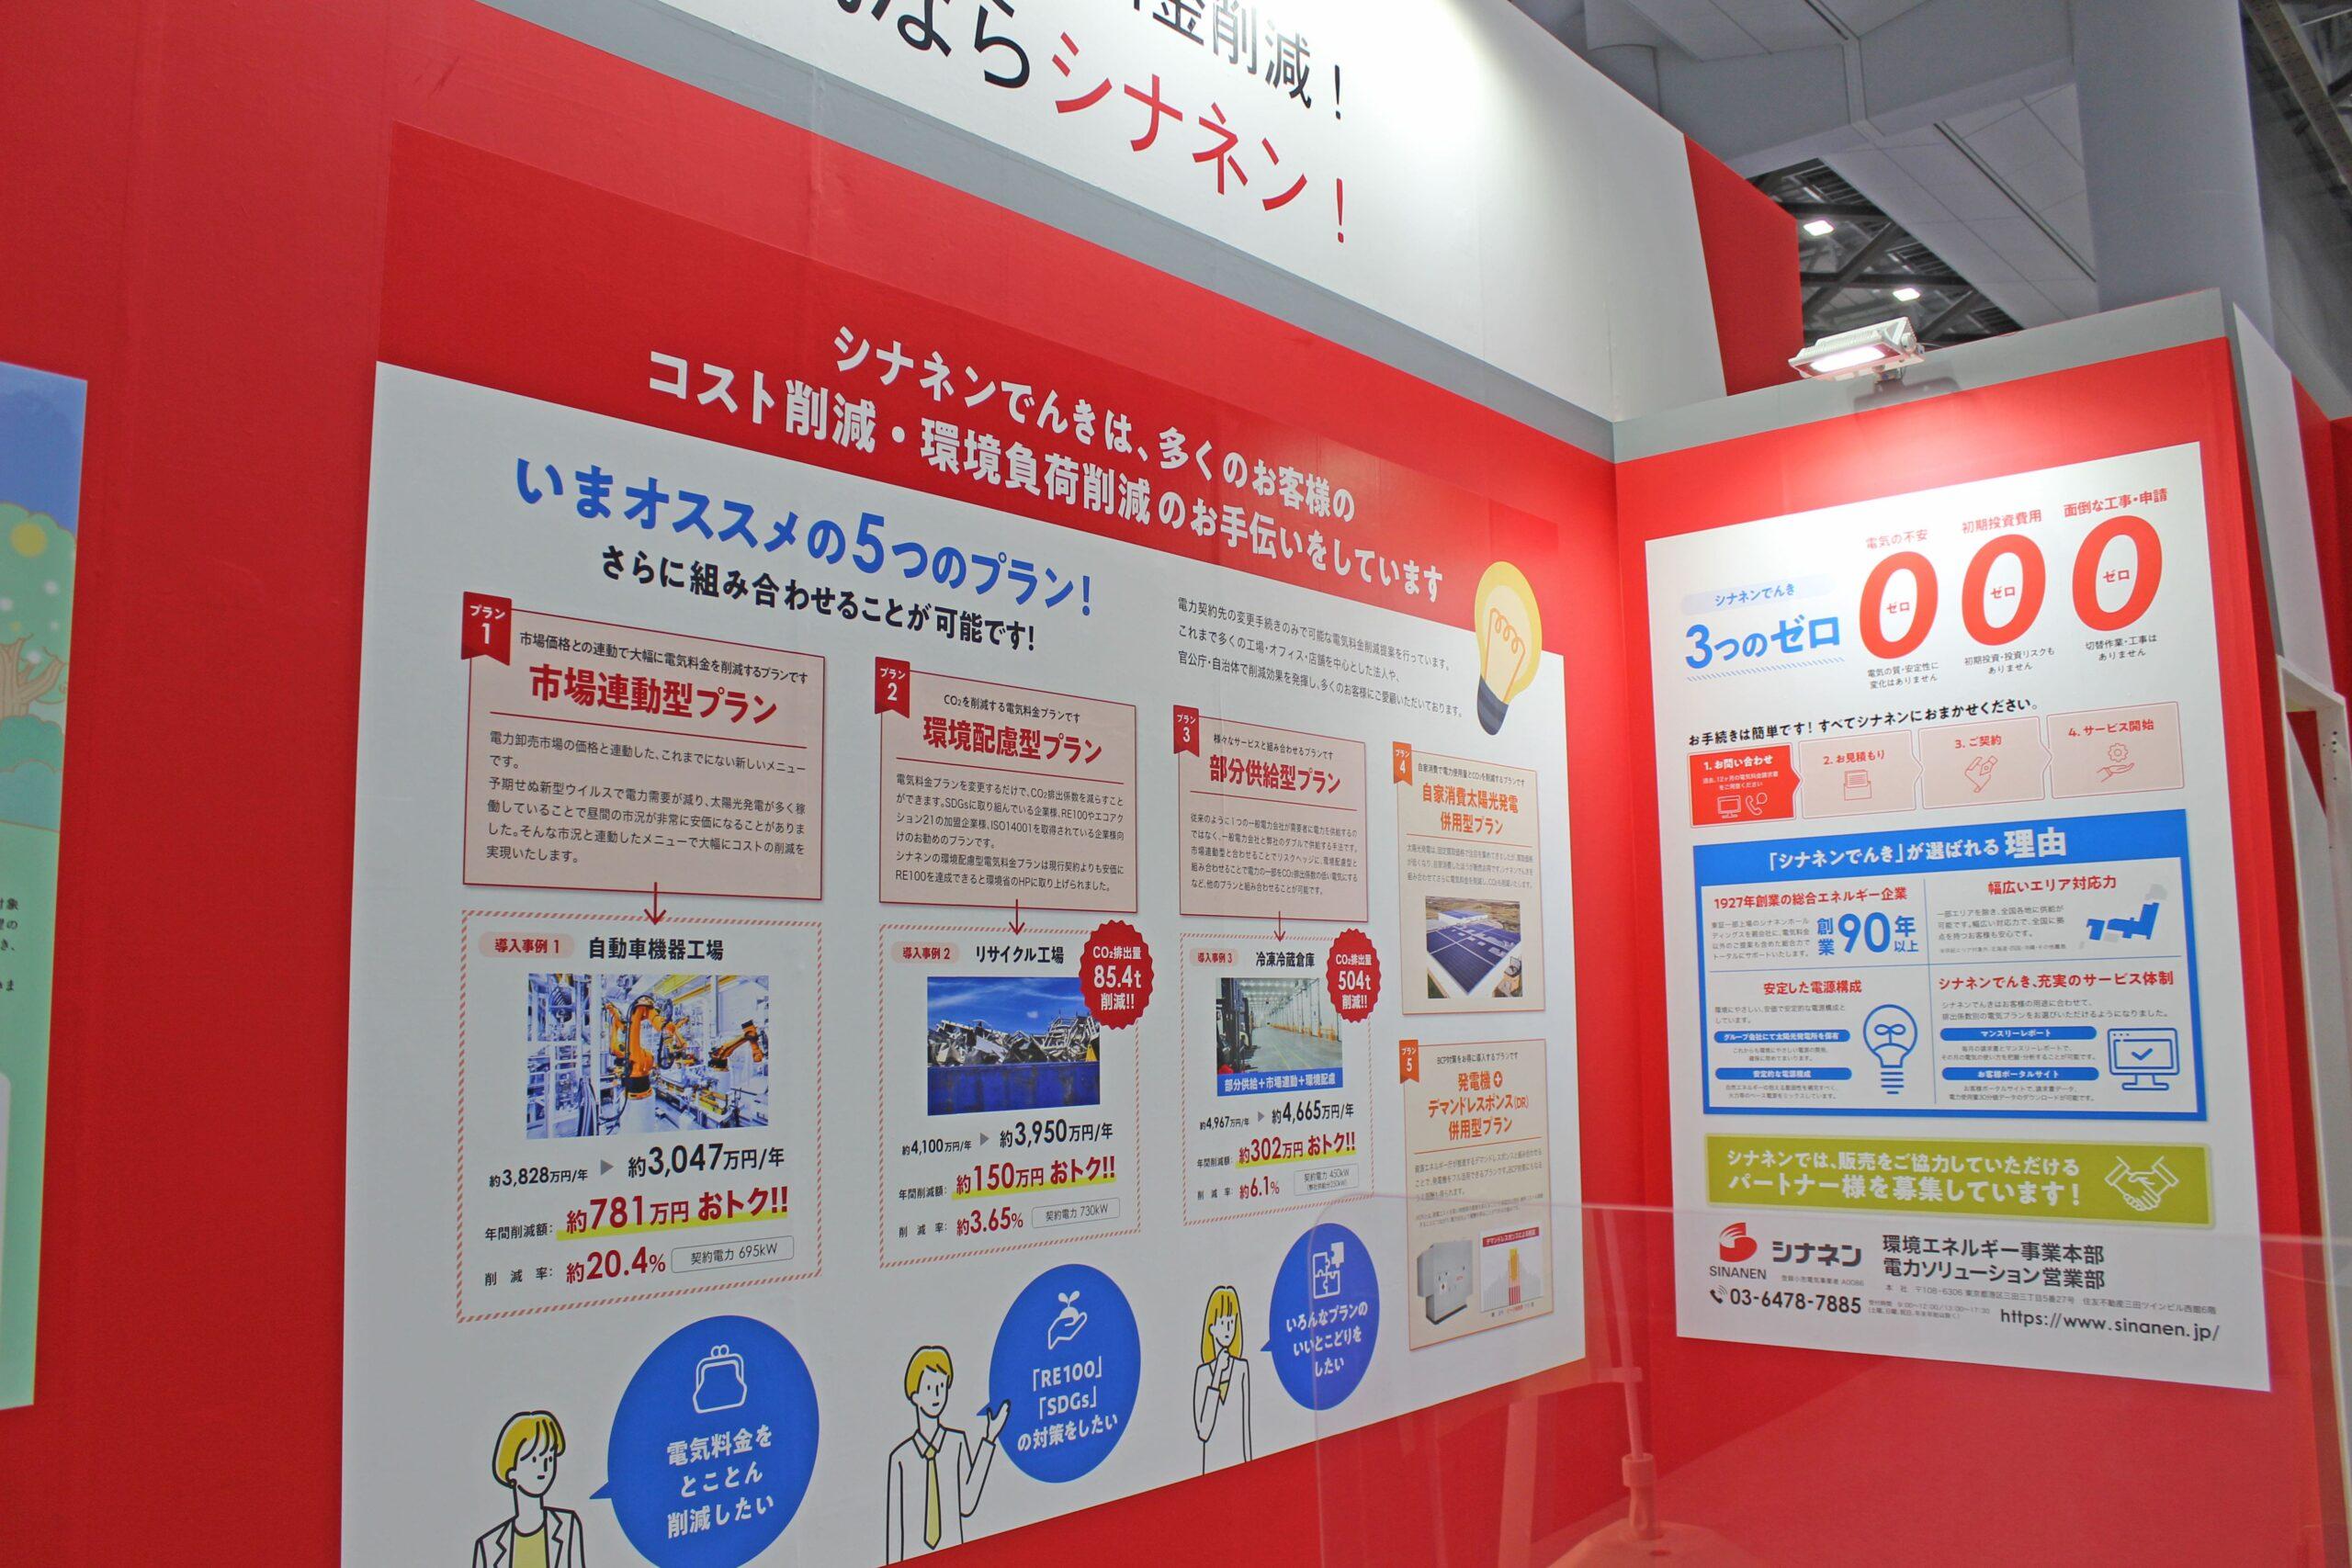 東京 施設リノベーション EXPO 出展のお知らせ